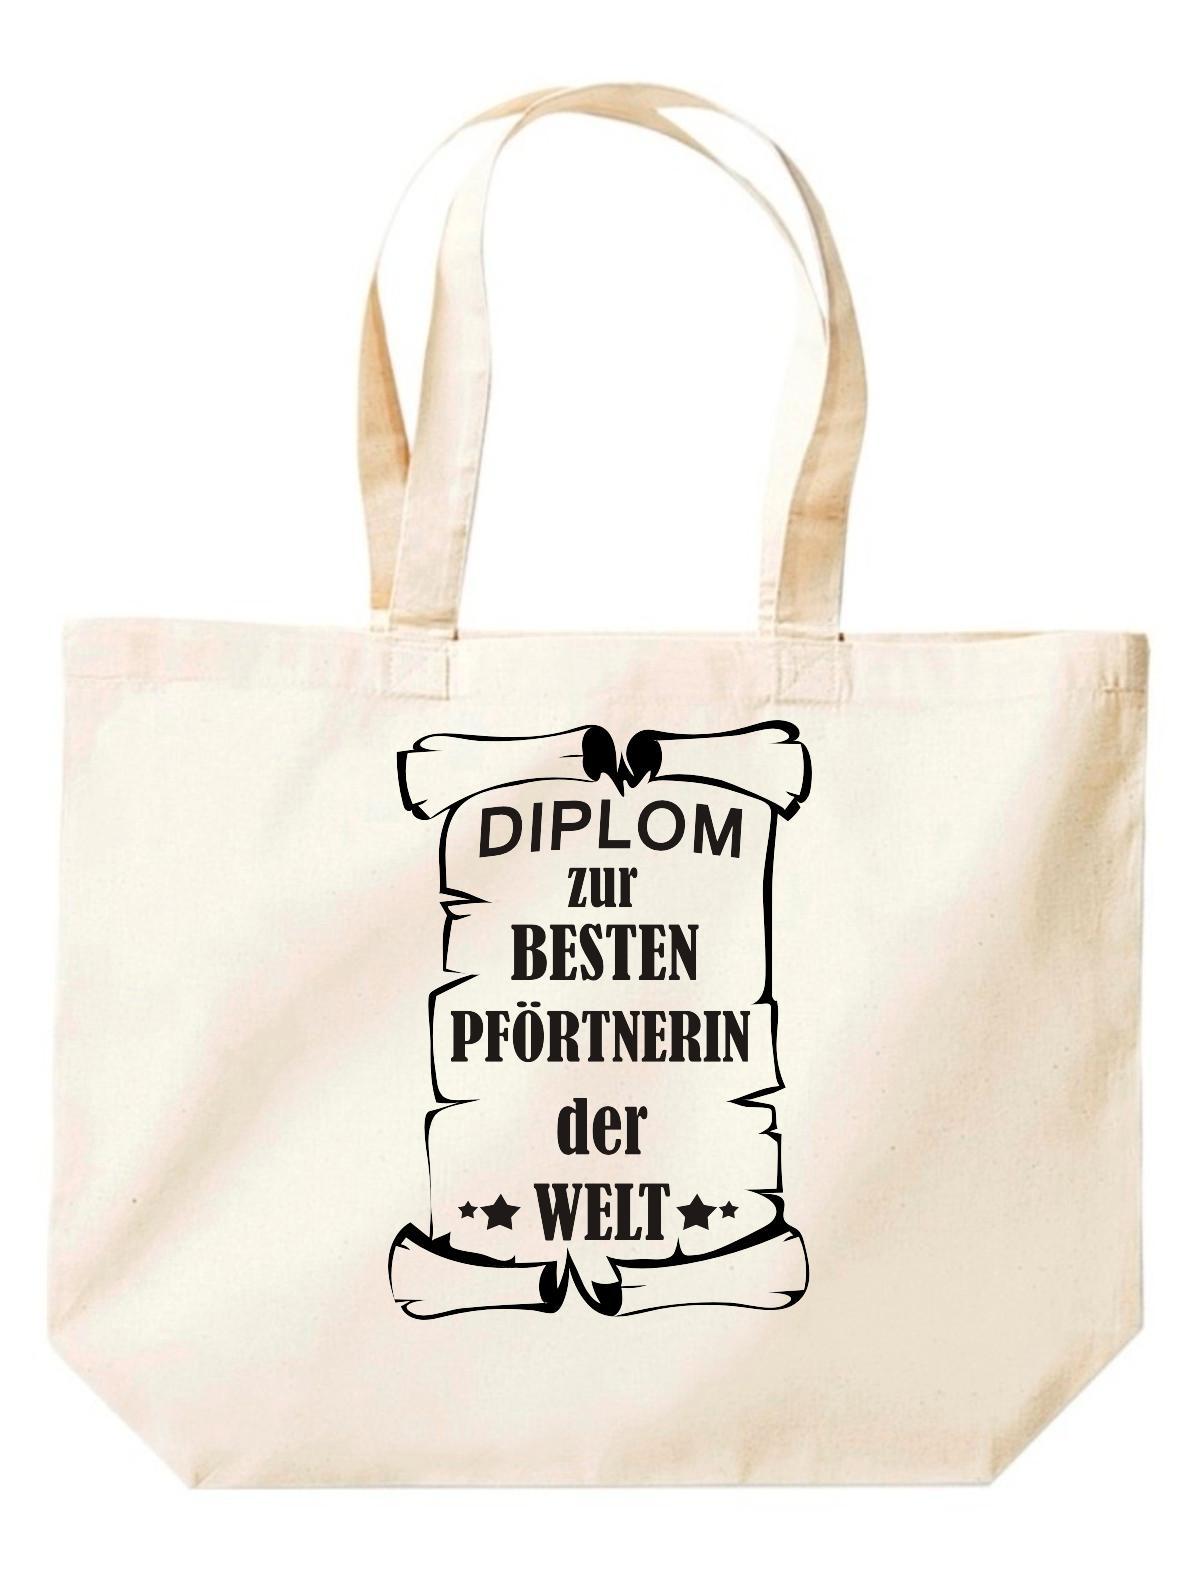 große Einkaufstasche, Diplom zur besten Pförtnerin der Welt,